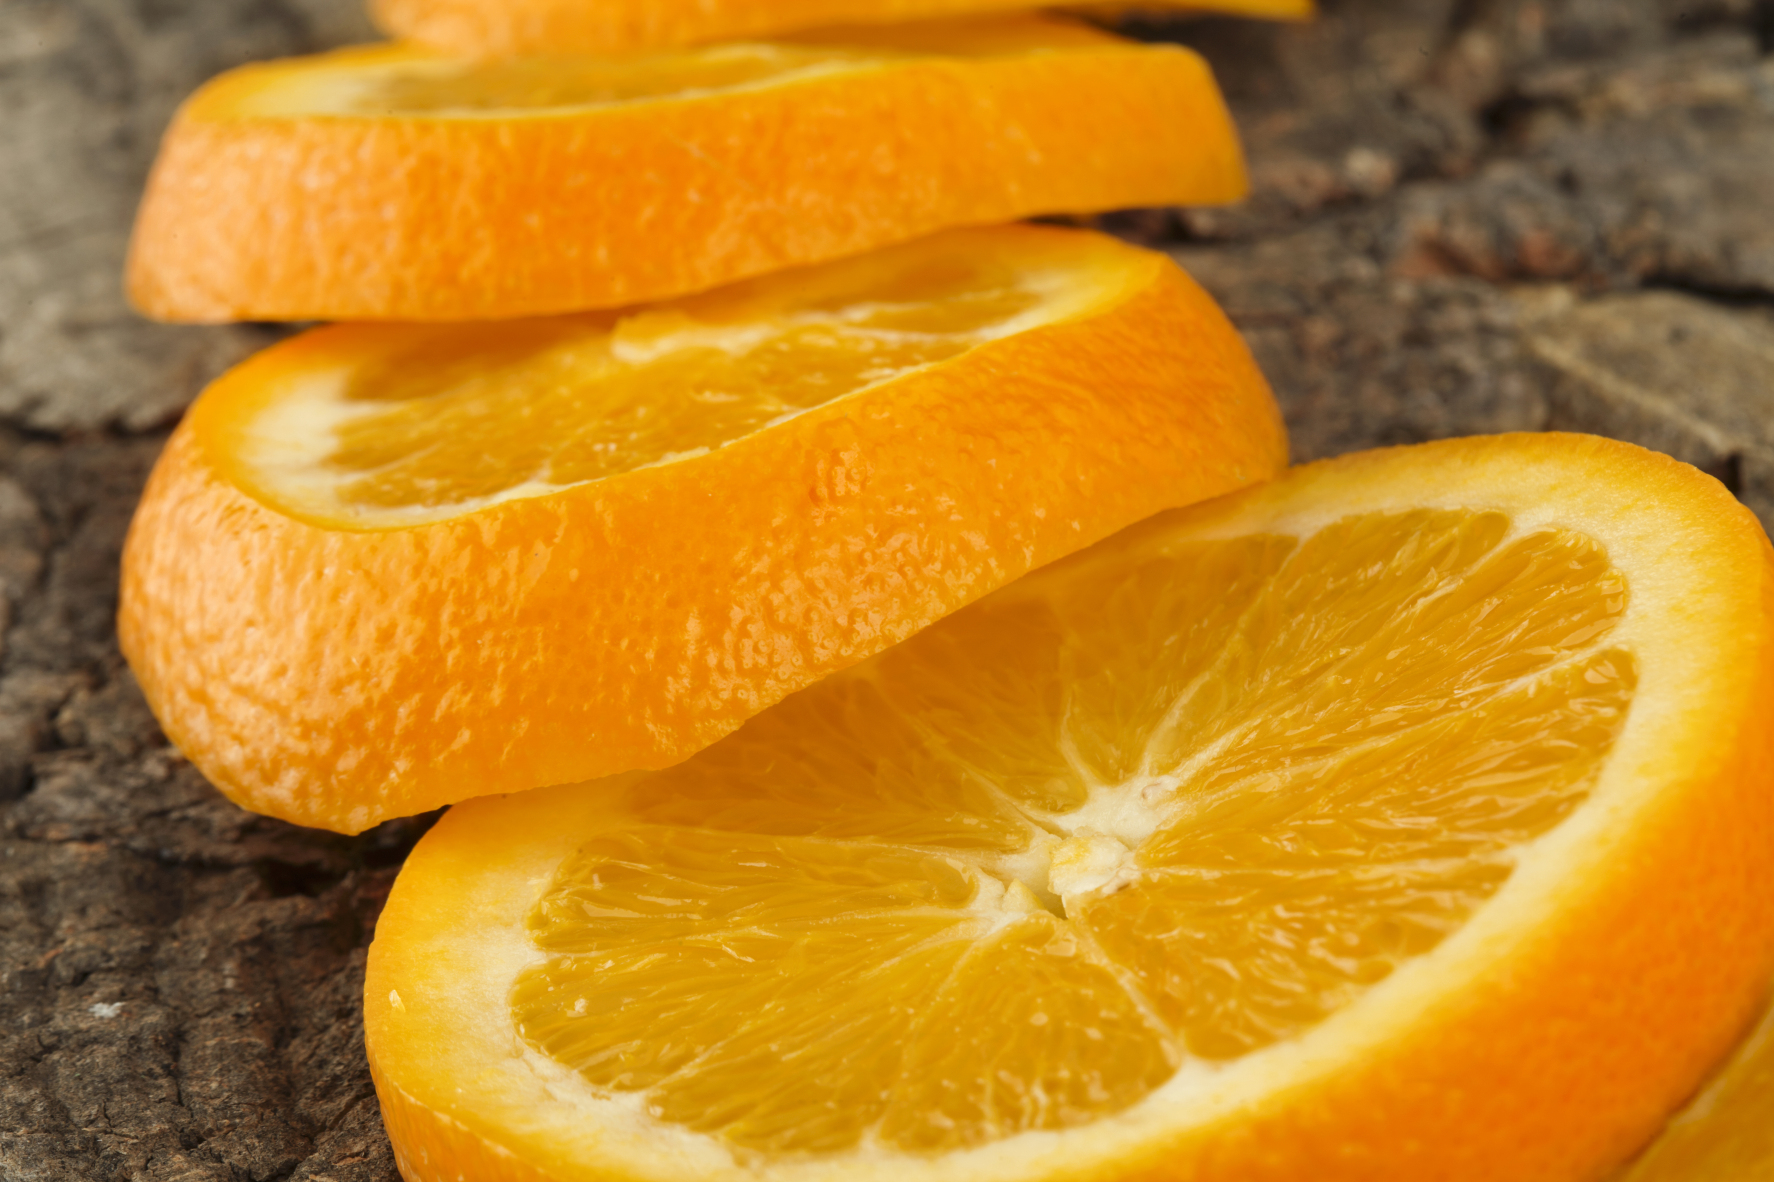 מה כל כך בריא בתפוז ולמה כדאי לאכול את הקליפה?